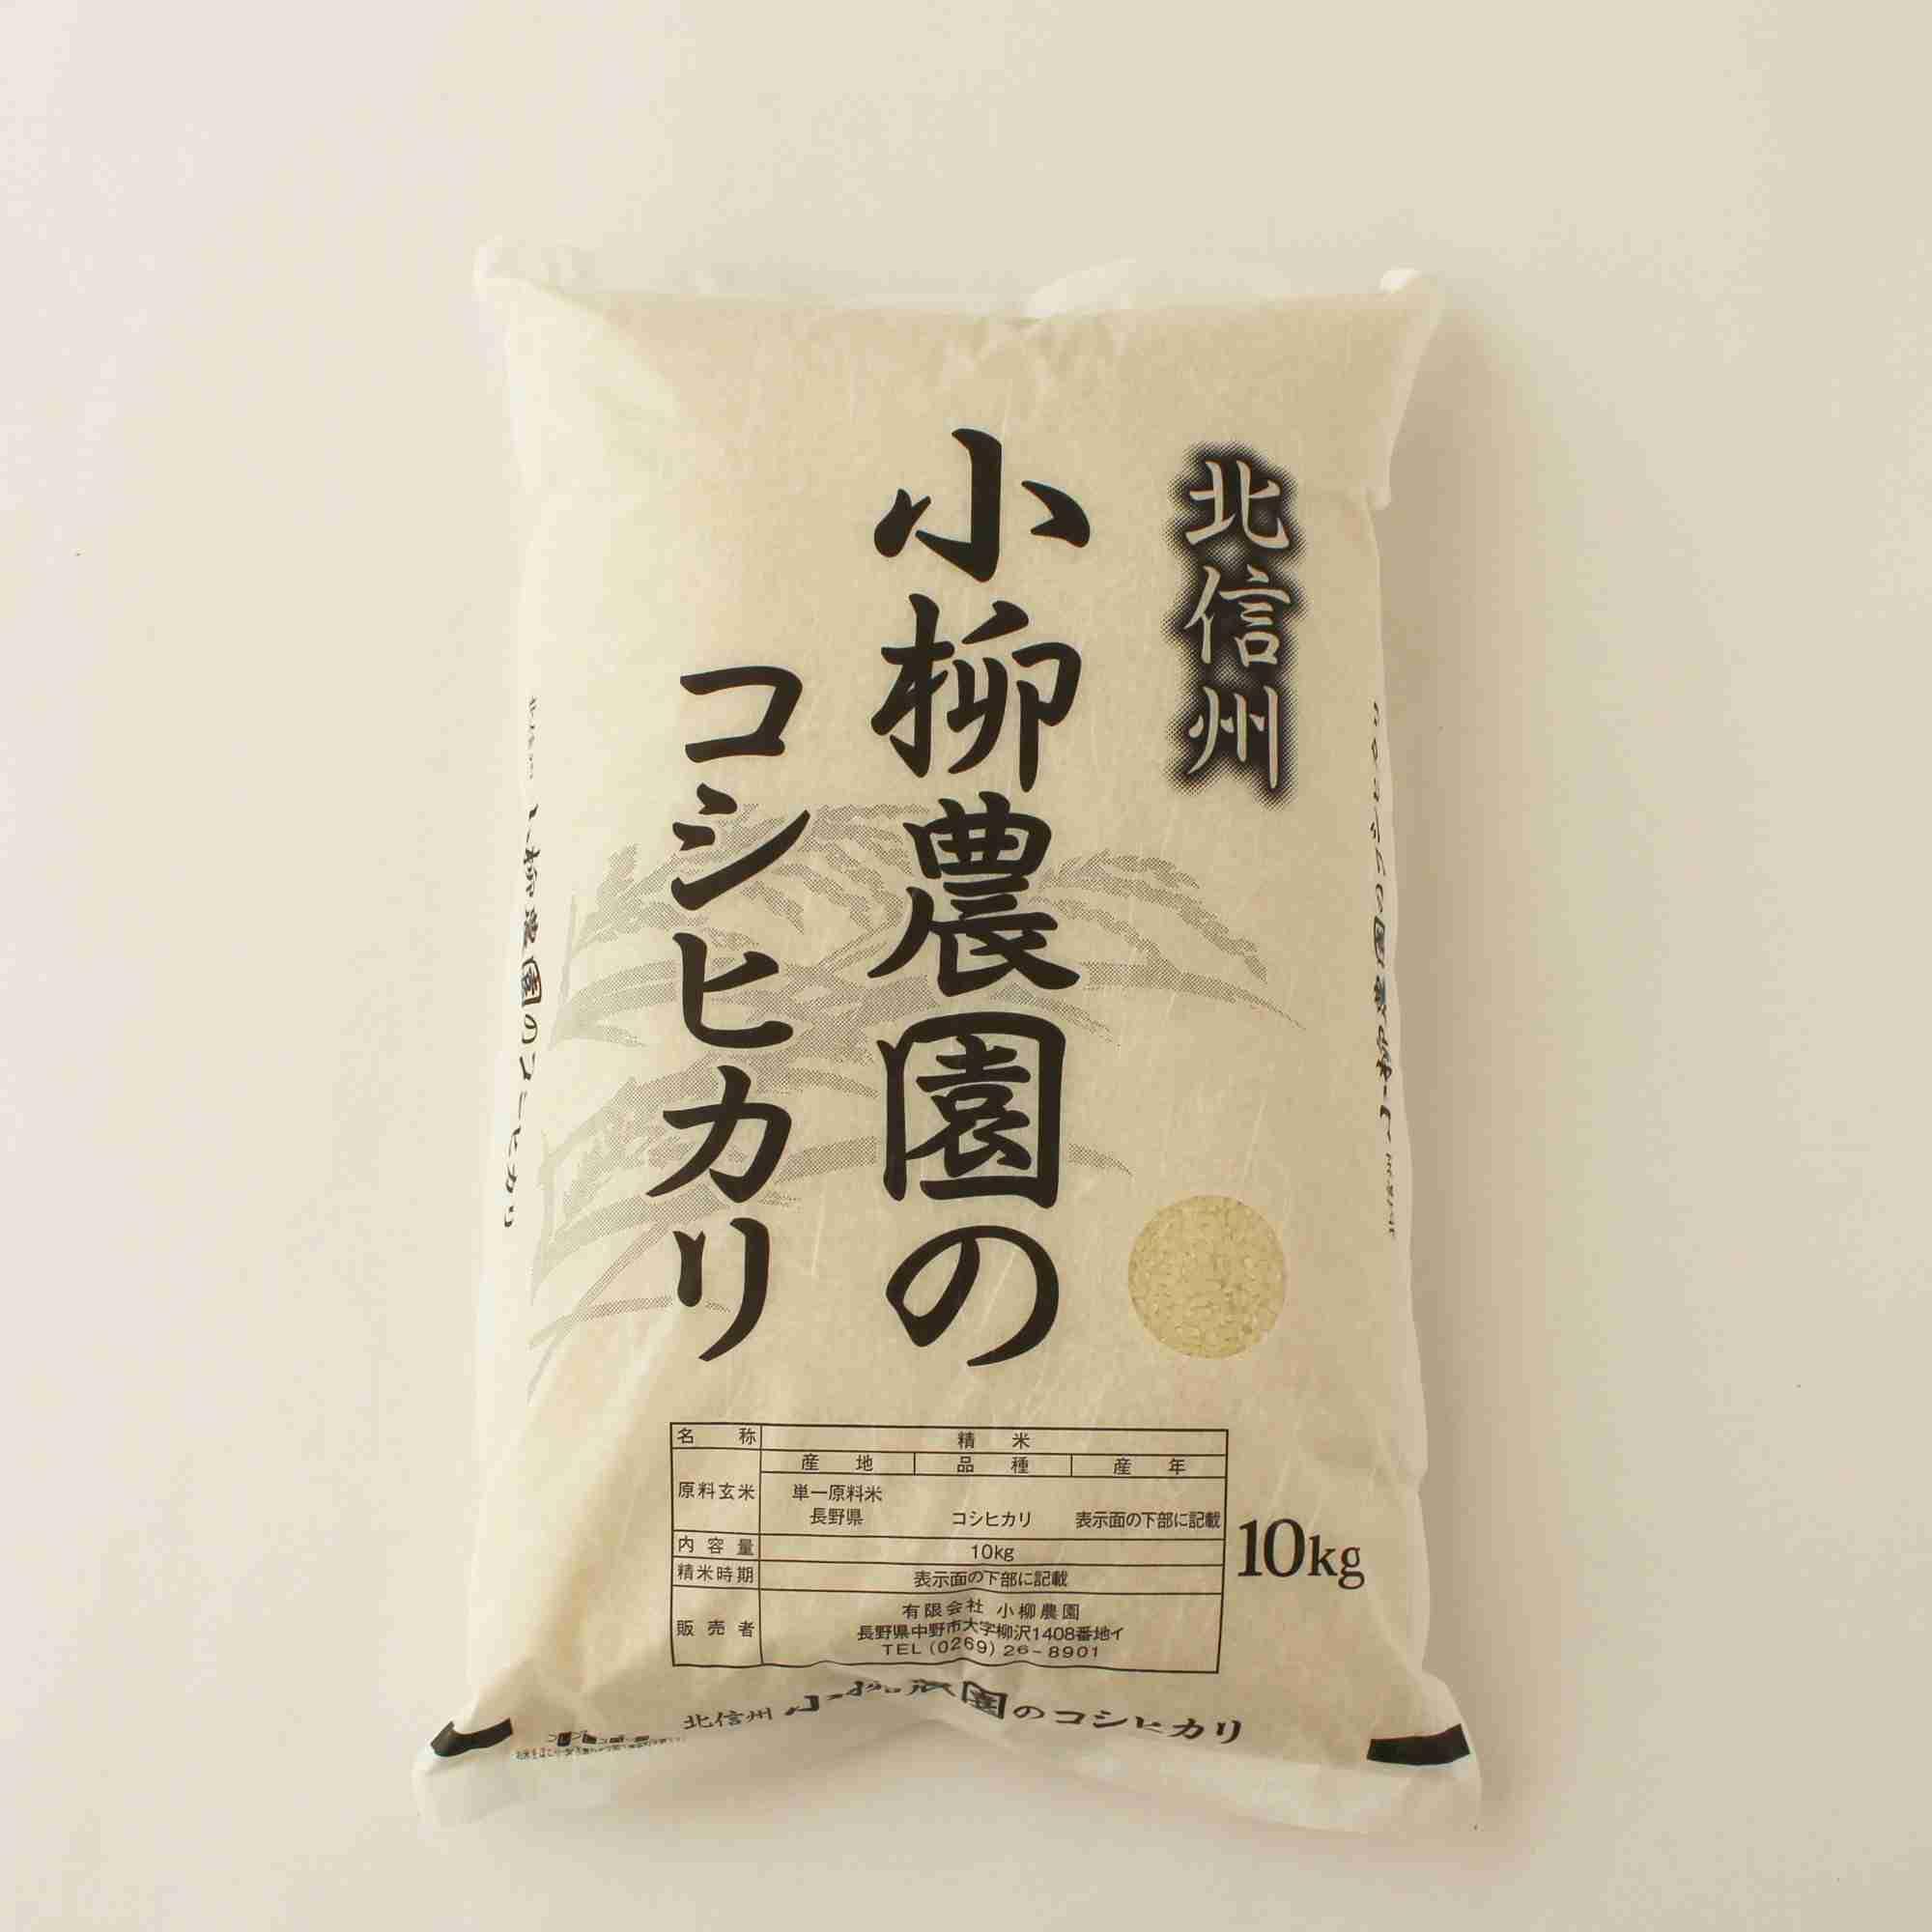 おにぎり・お弁当におすすめのお米ランキング3位コシヒカリ10㎏